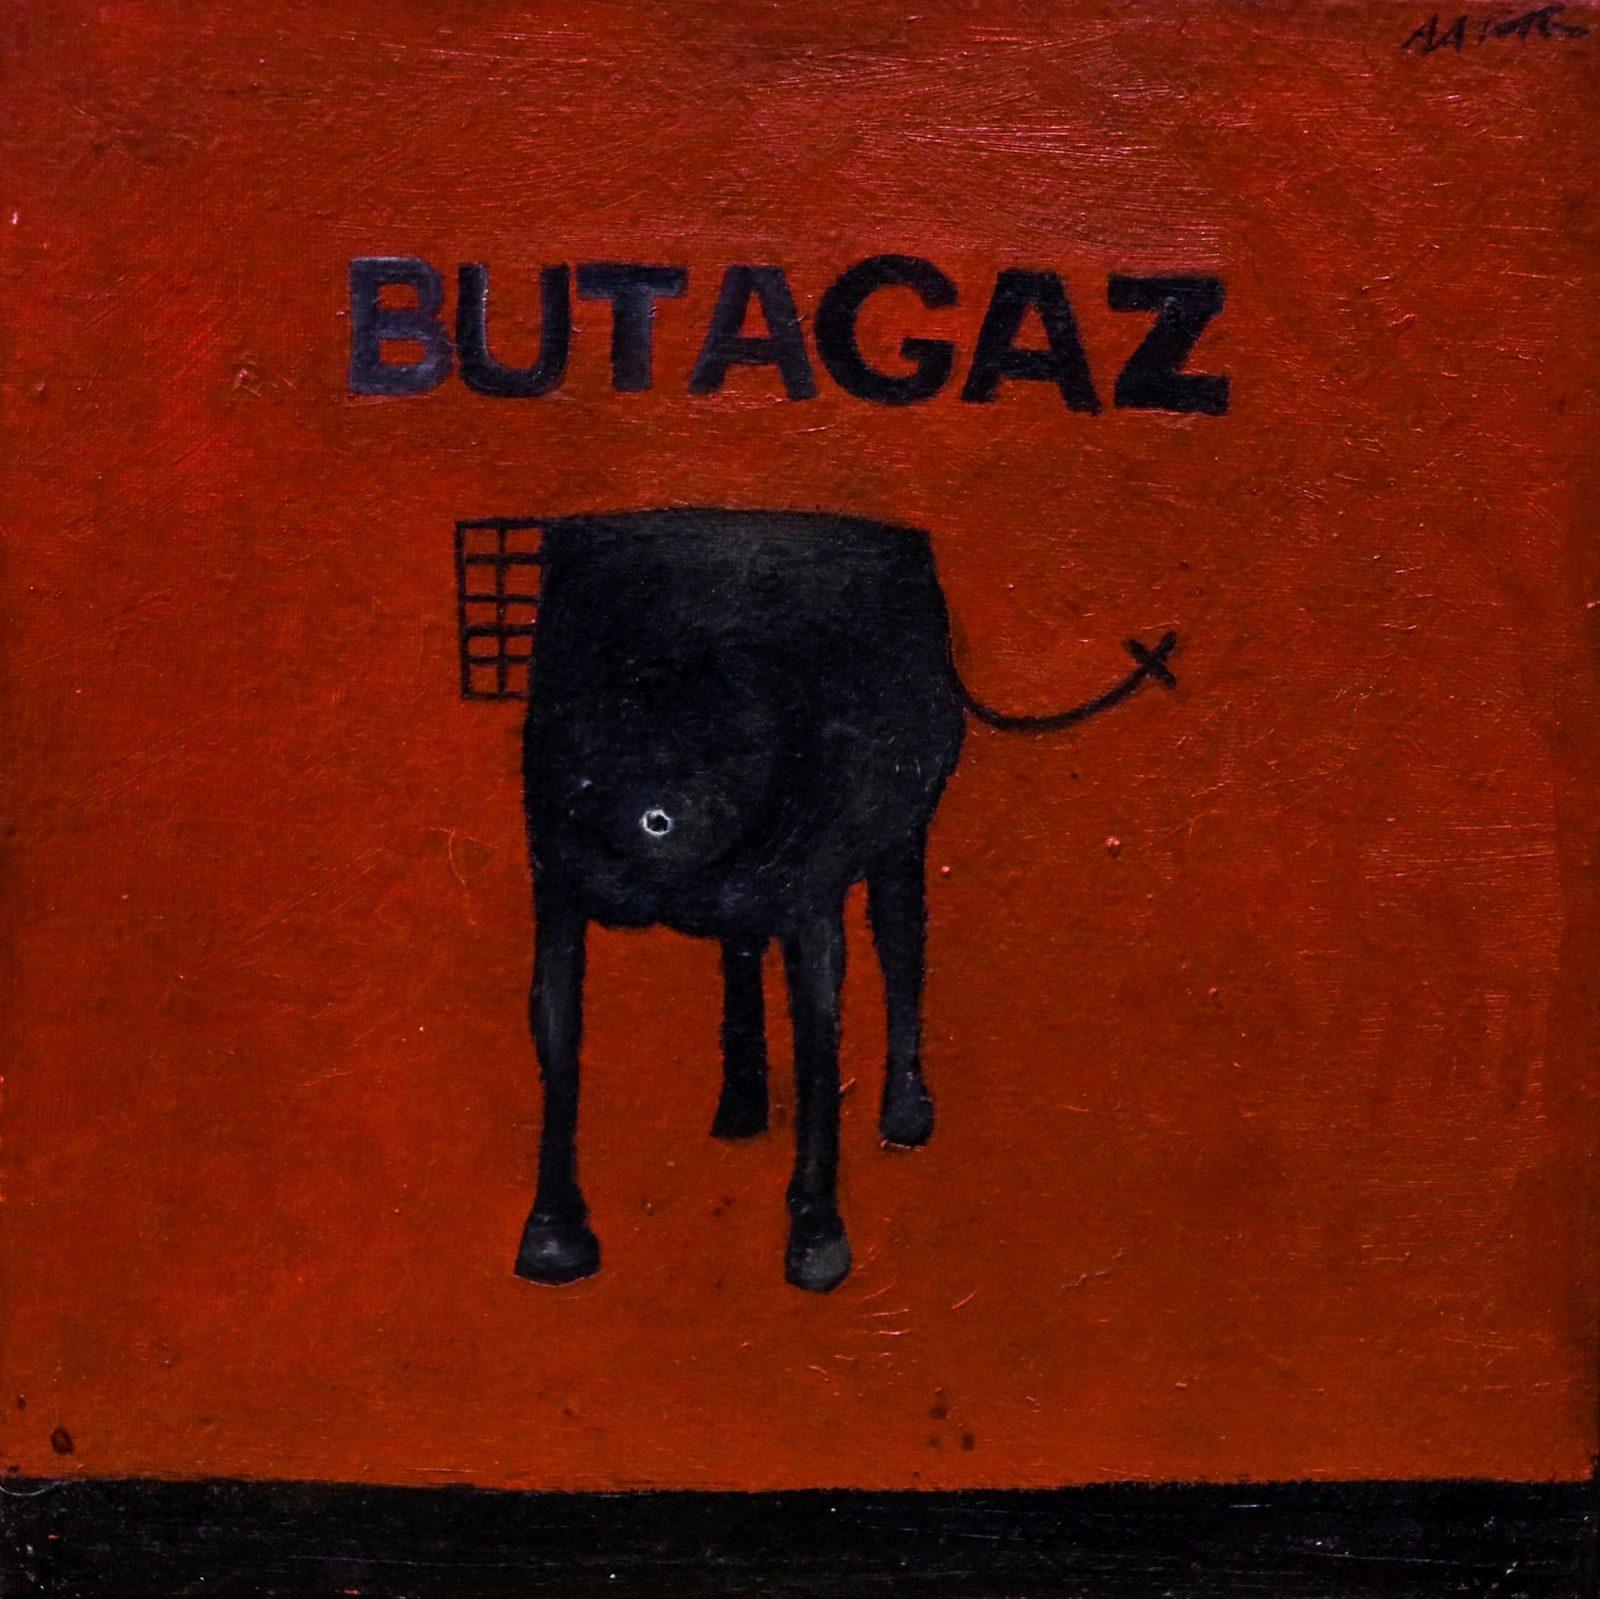 aatoth franyo: Butagaz